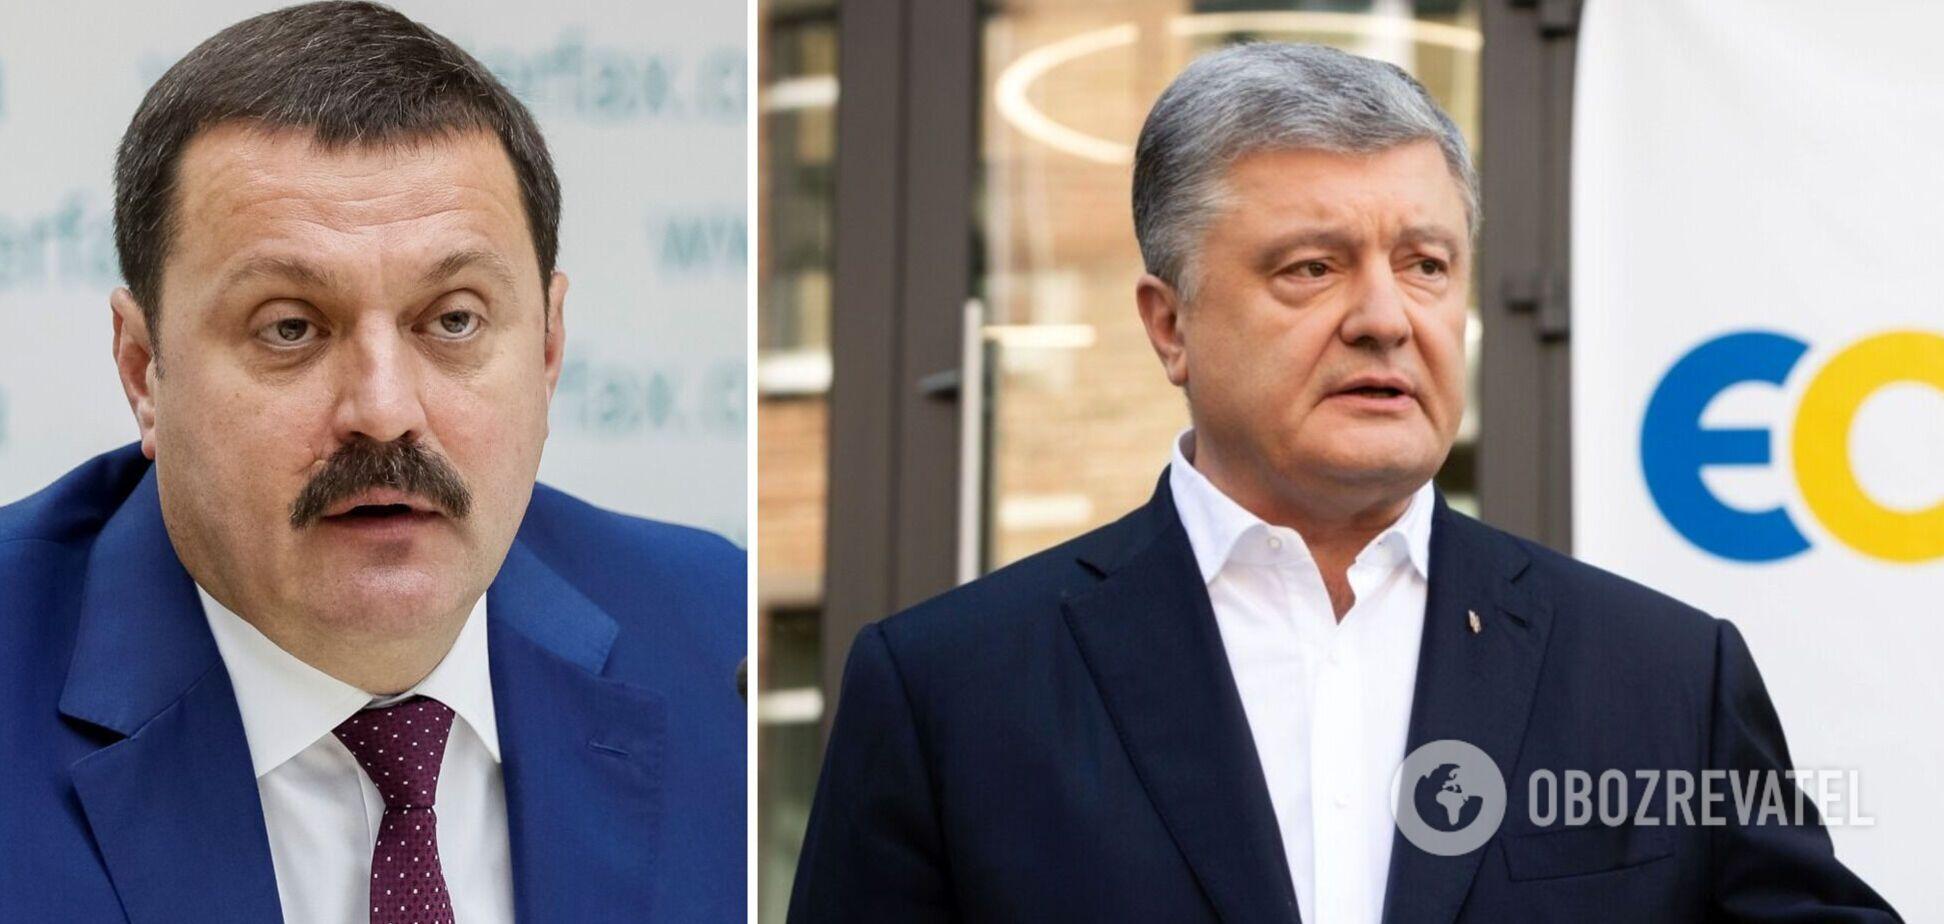 У Порошенко выступили против назначения министром энергетики человека, связанного с 'агентом Кремля Деркачем'